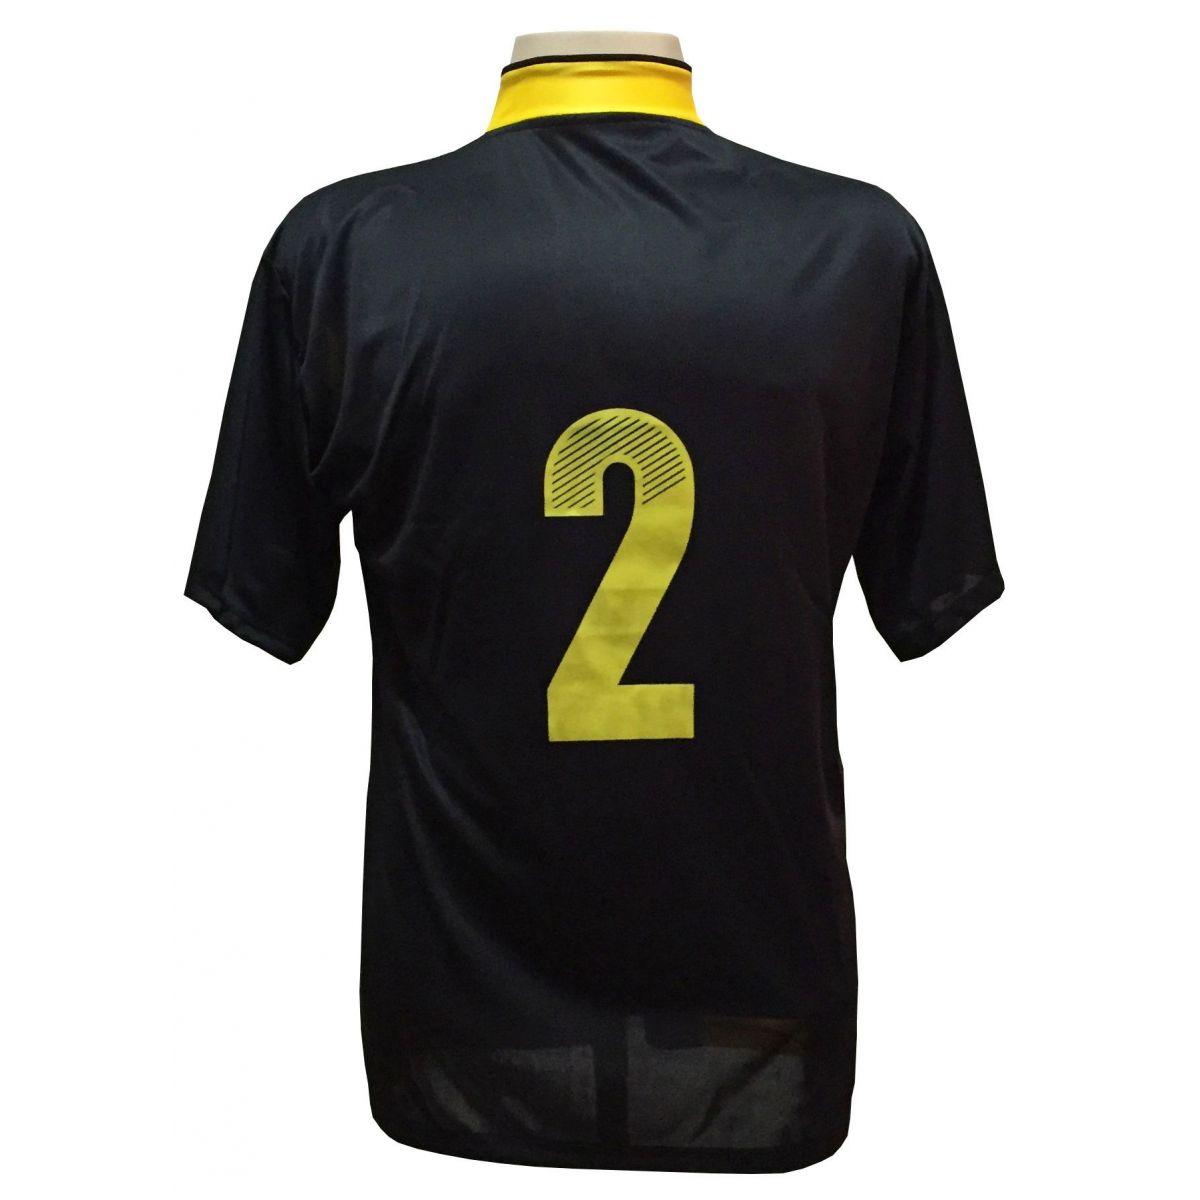 Uniforme Esportivo Completo modelo Suécia 14+1 (14 camisas Preto/Amarelo + 14 calções Madrid Amarelo + 14 pares de meiões Pretos + 1 conjunto de goleiro) + Brindes